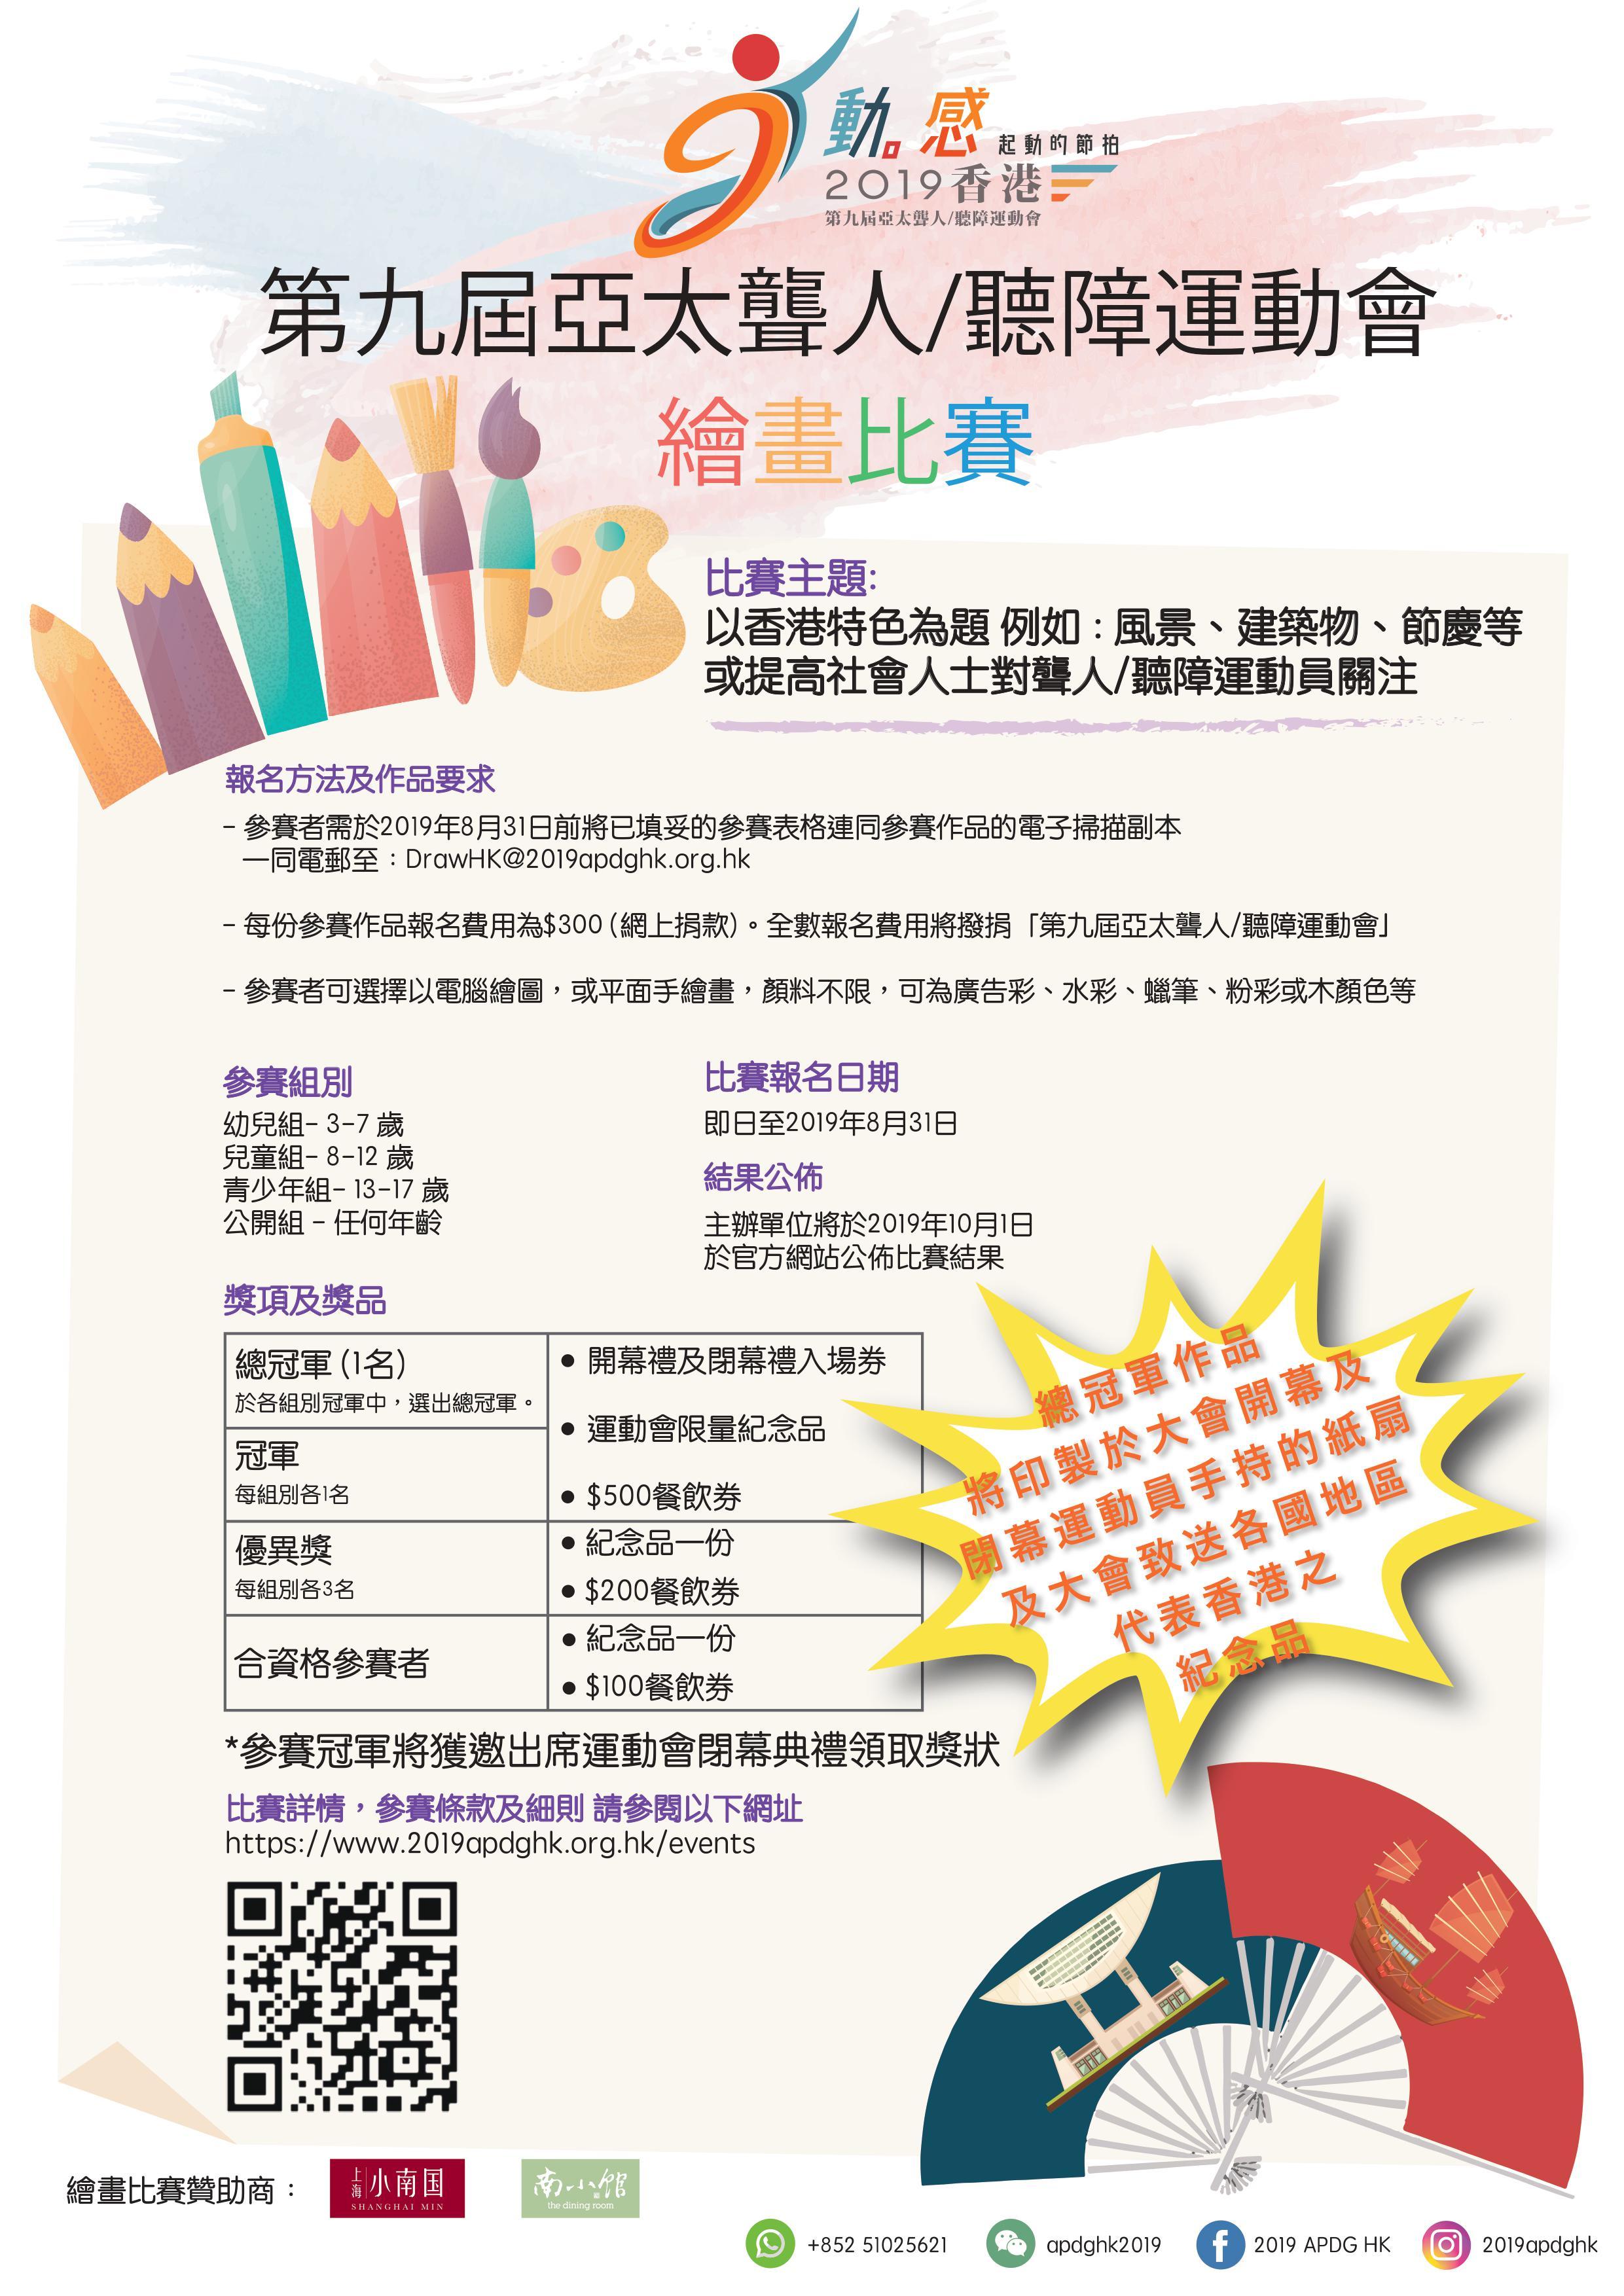 第九屆亞太聾人/聽障運動會繪畫比賽 | gnet 香港活動資訊